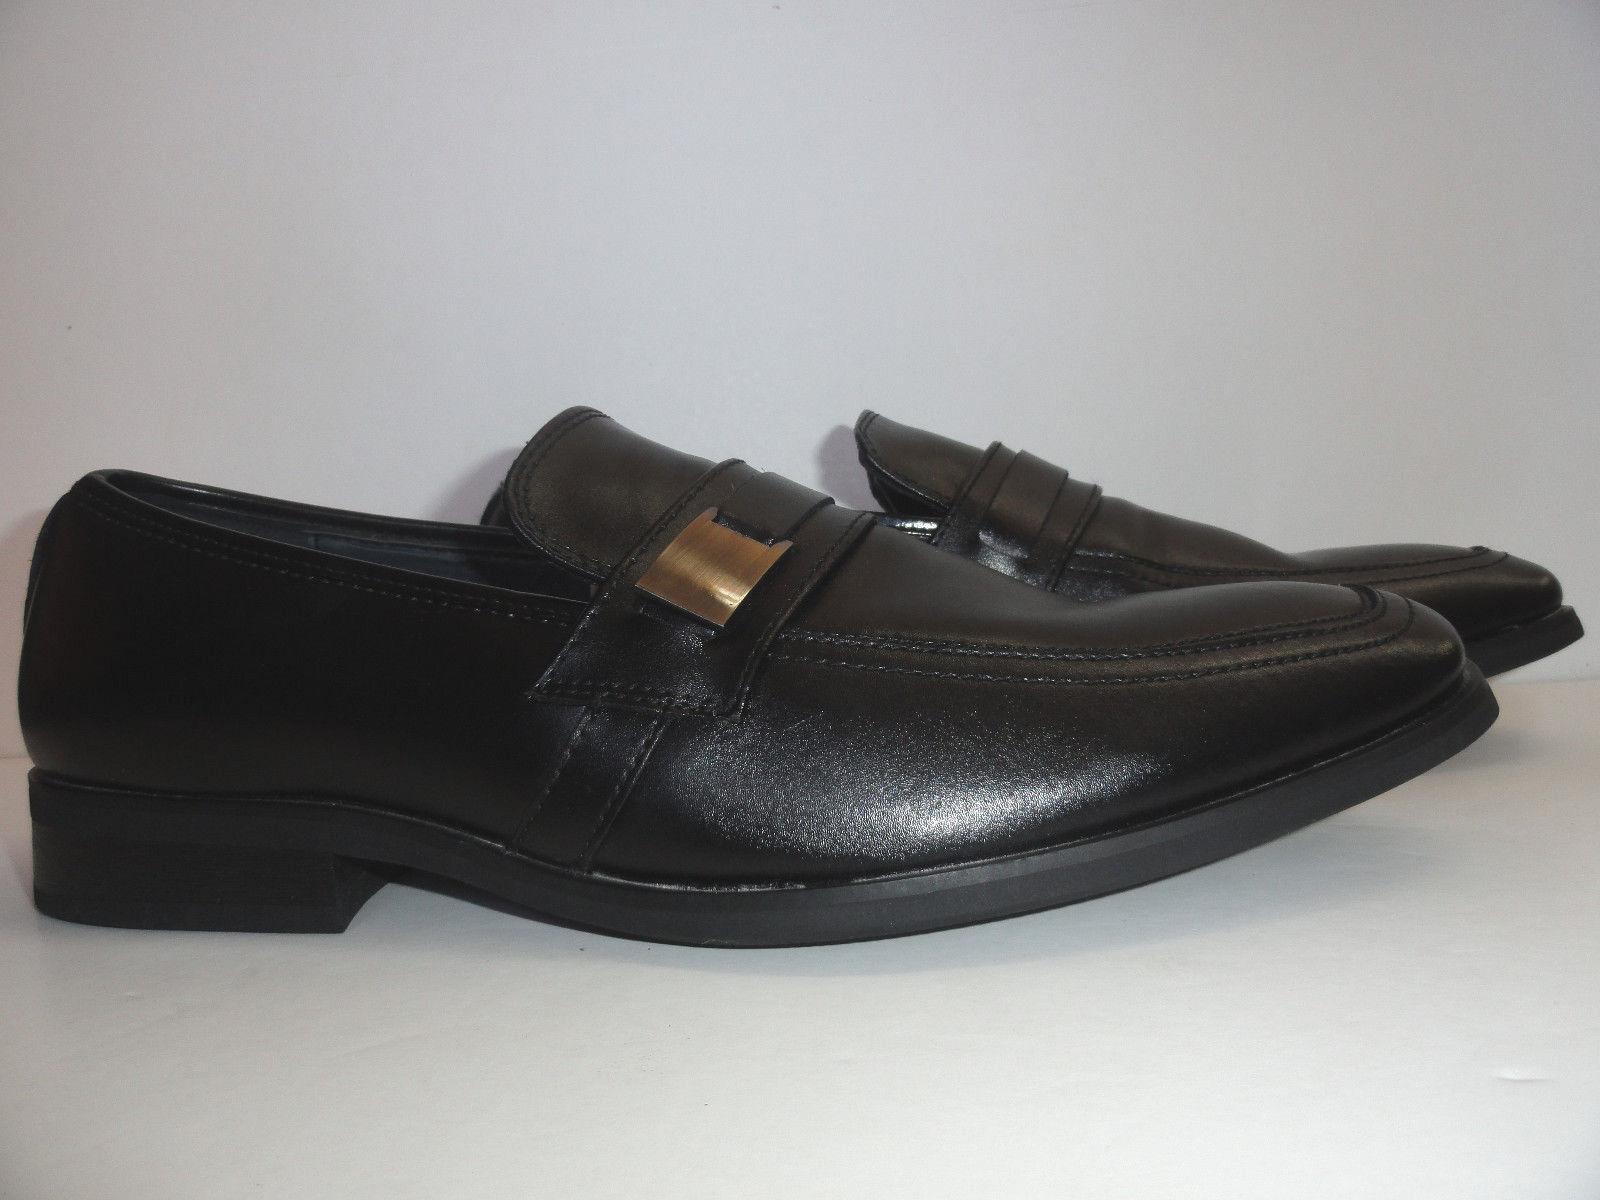 Giorgio Brutini Men's Slip-On Venetian Black Loafers Size 8.5